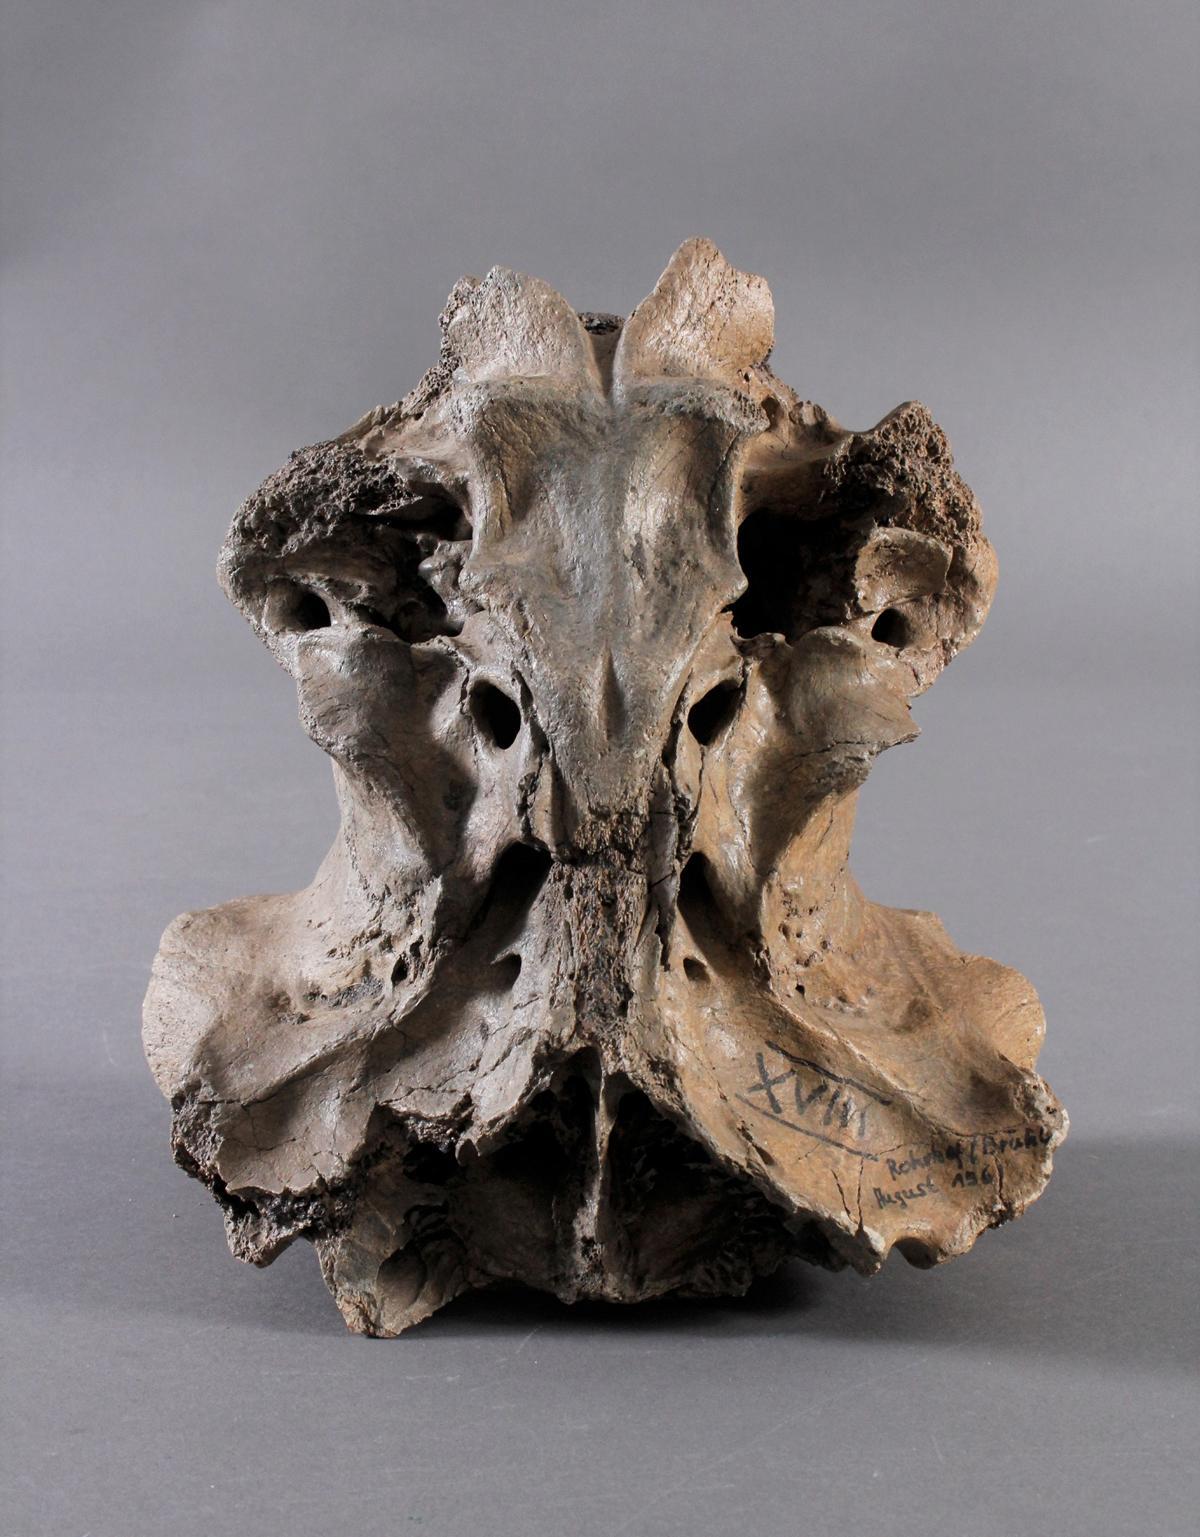 Fossilen – Großer versteinerter Wirbel